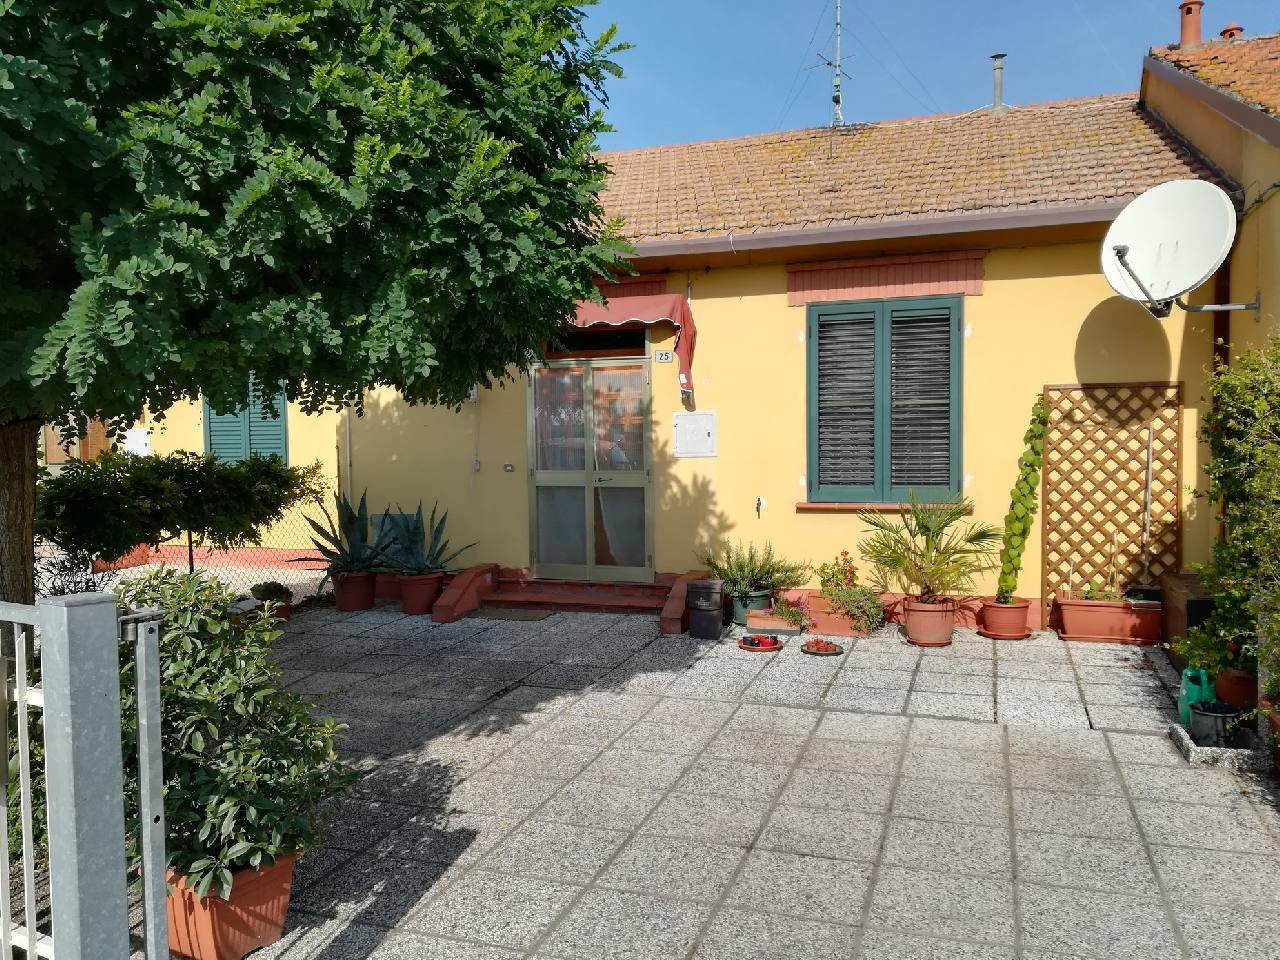 Villetta in vendita Tresigallo